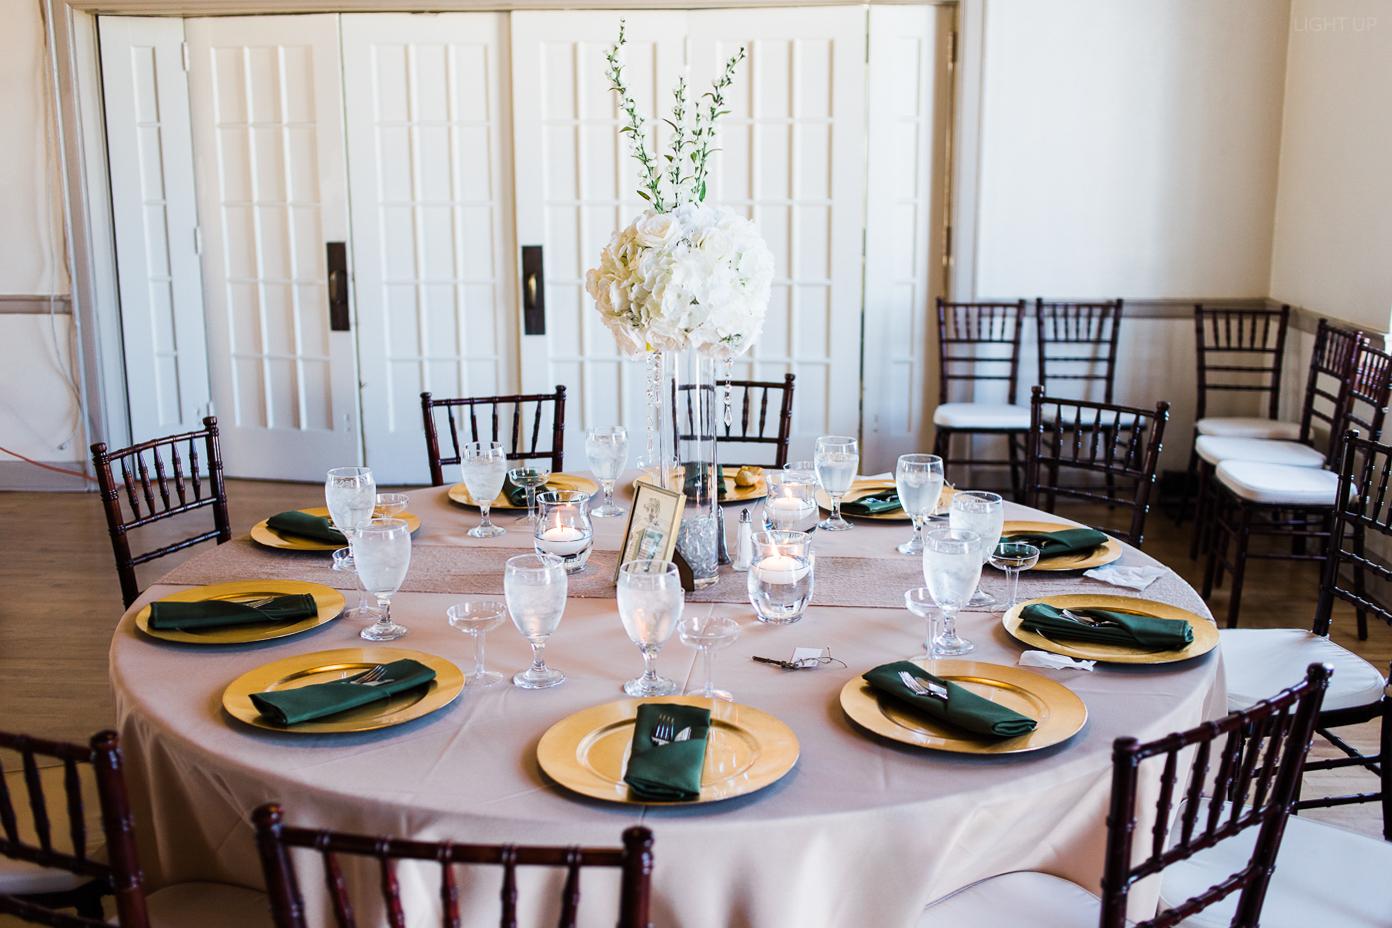 magnolia building wedding in lakeland-1.jpg